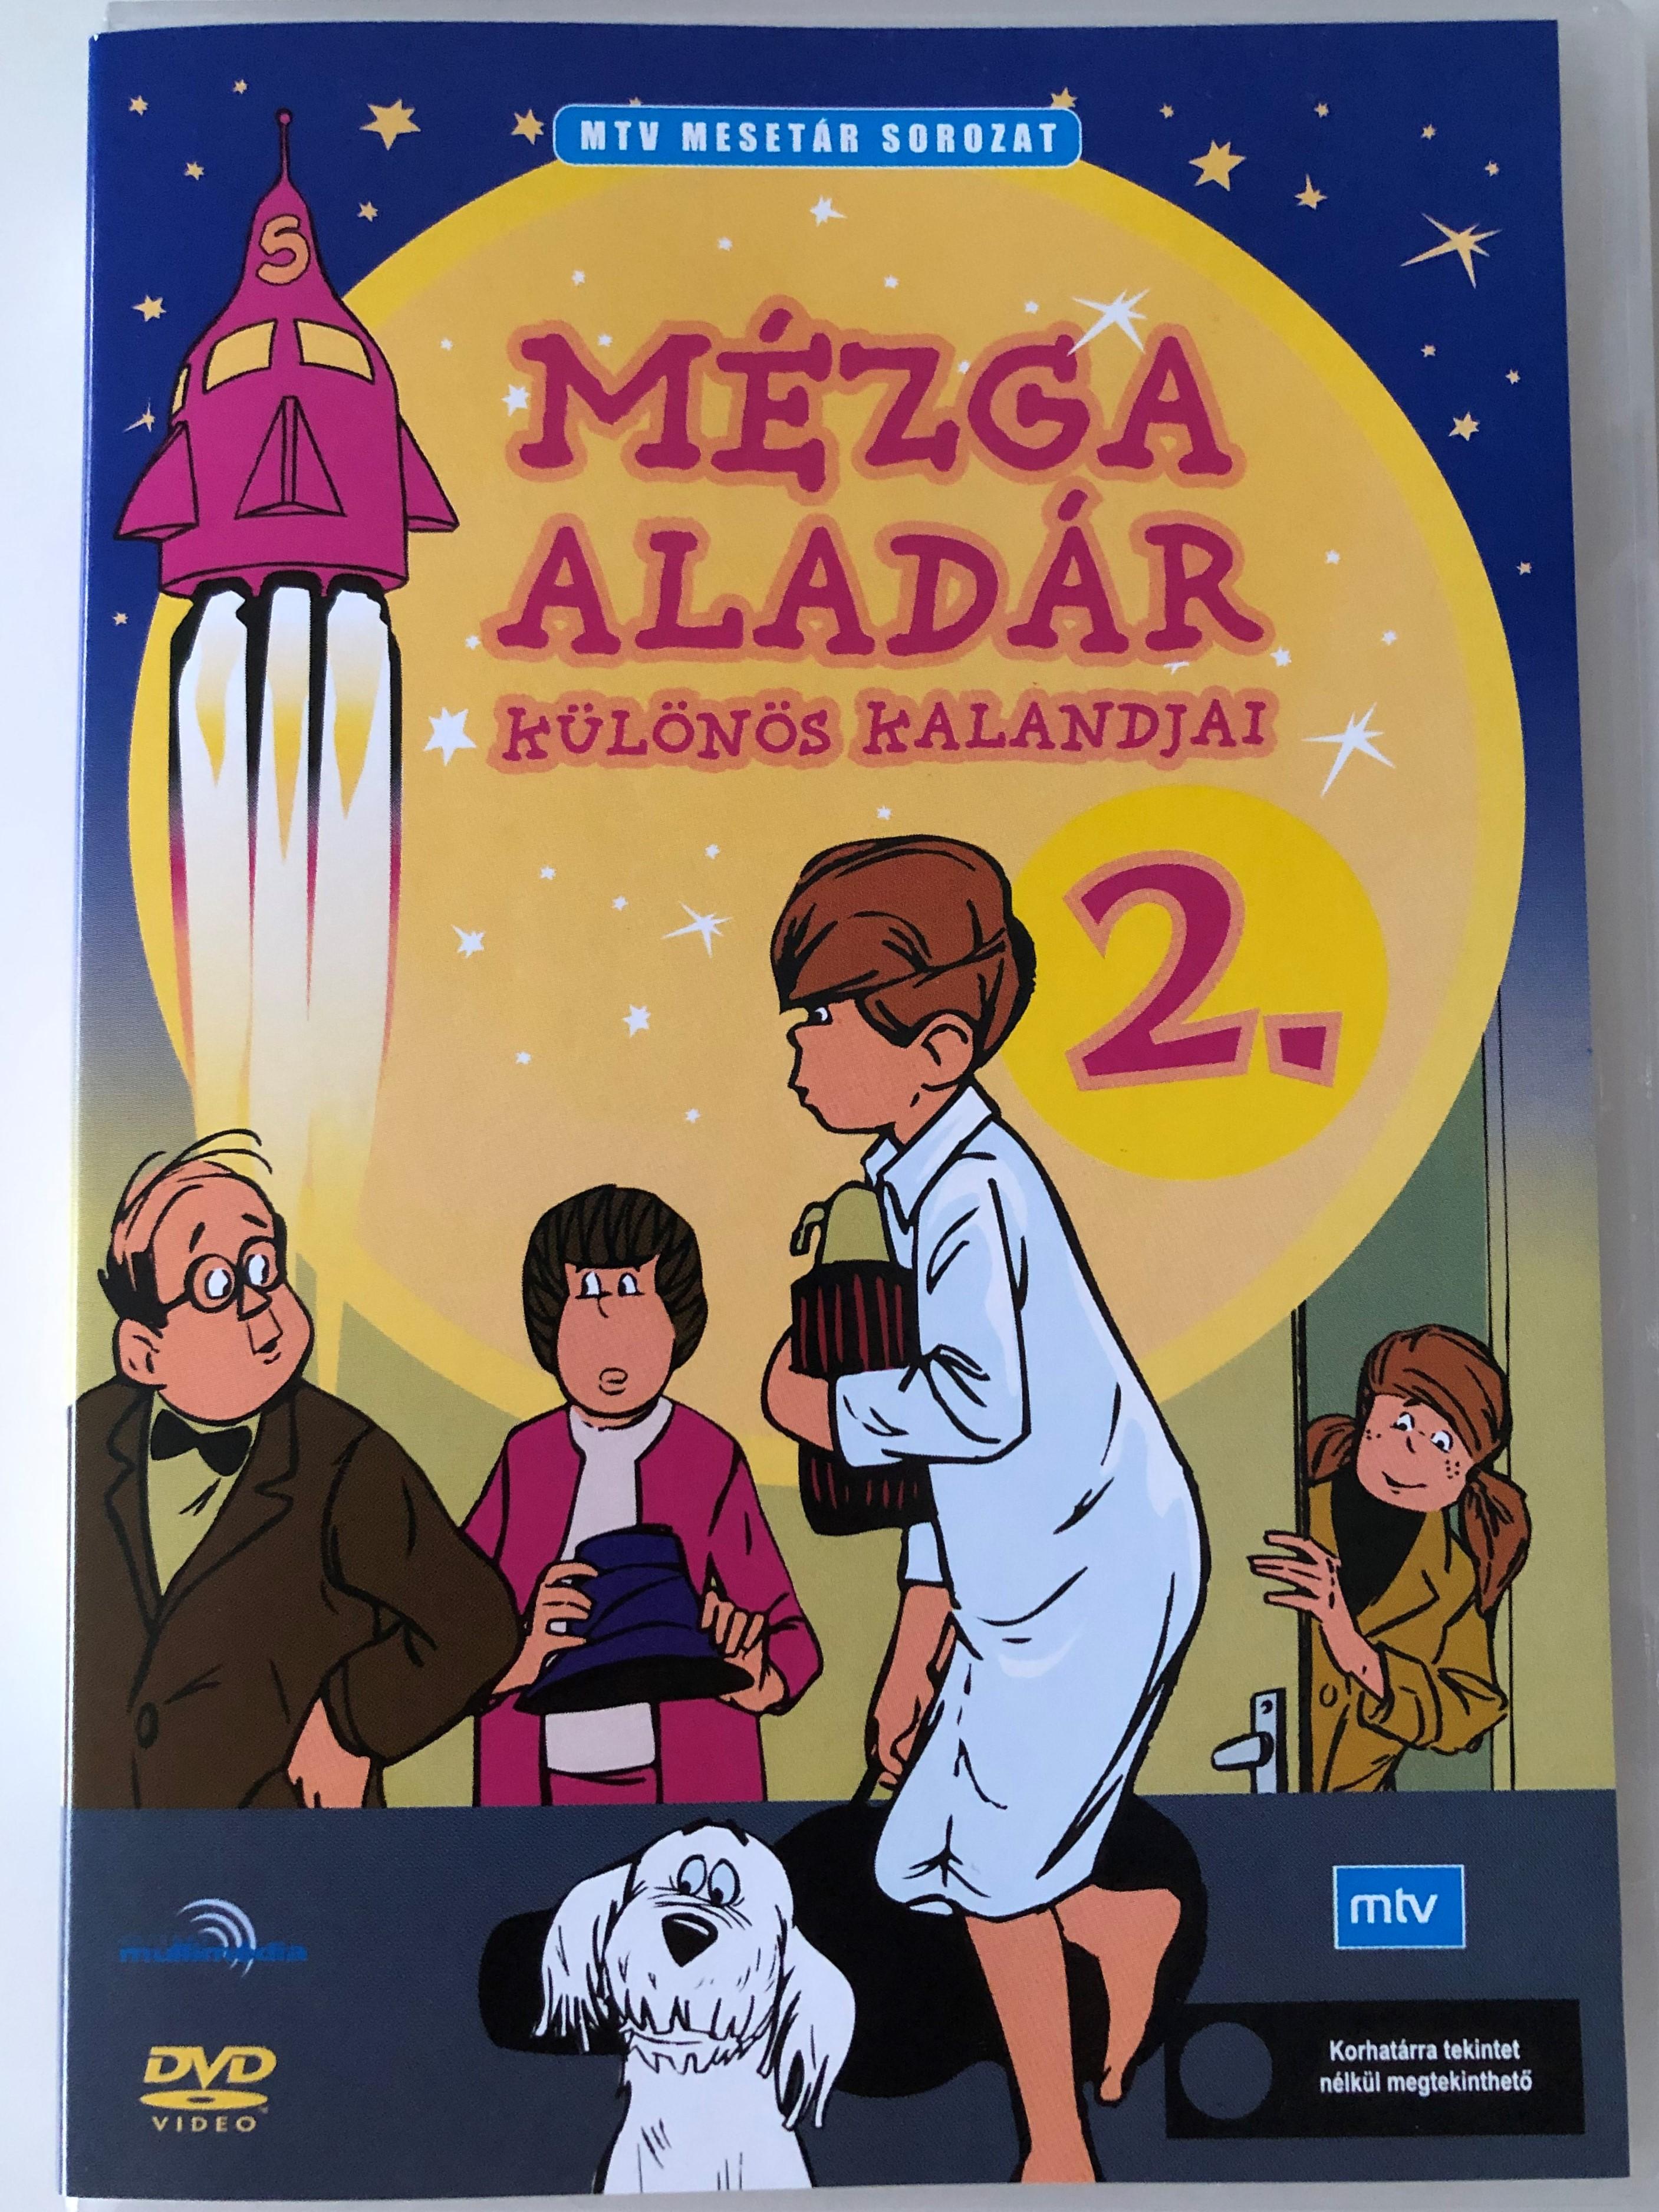 m-zga-alad-r-k-l-n-s-kalandjai-2.-dvd-1.jpg